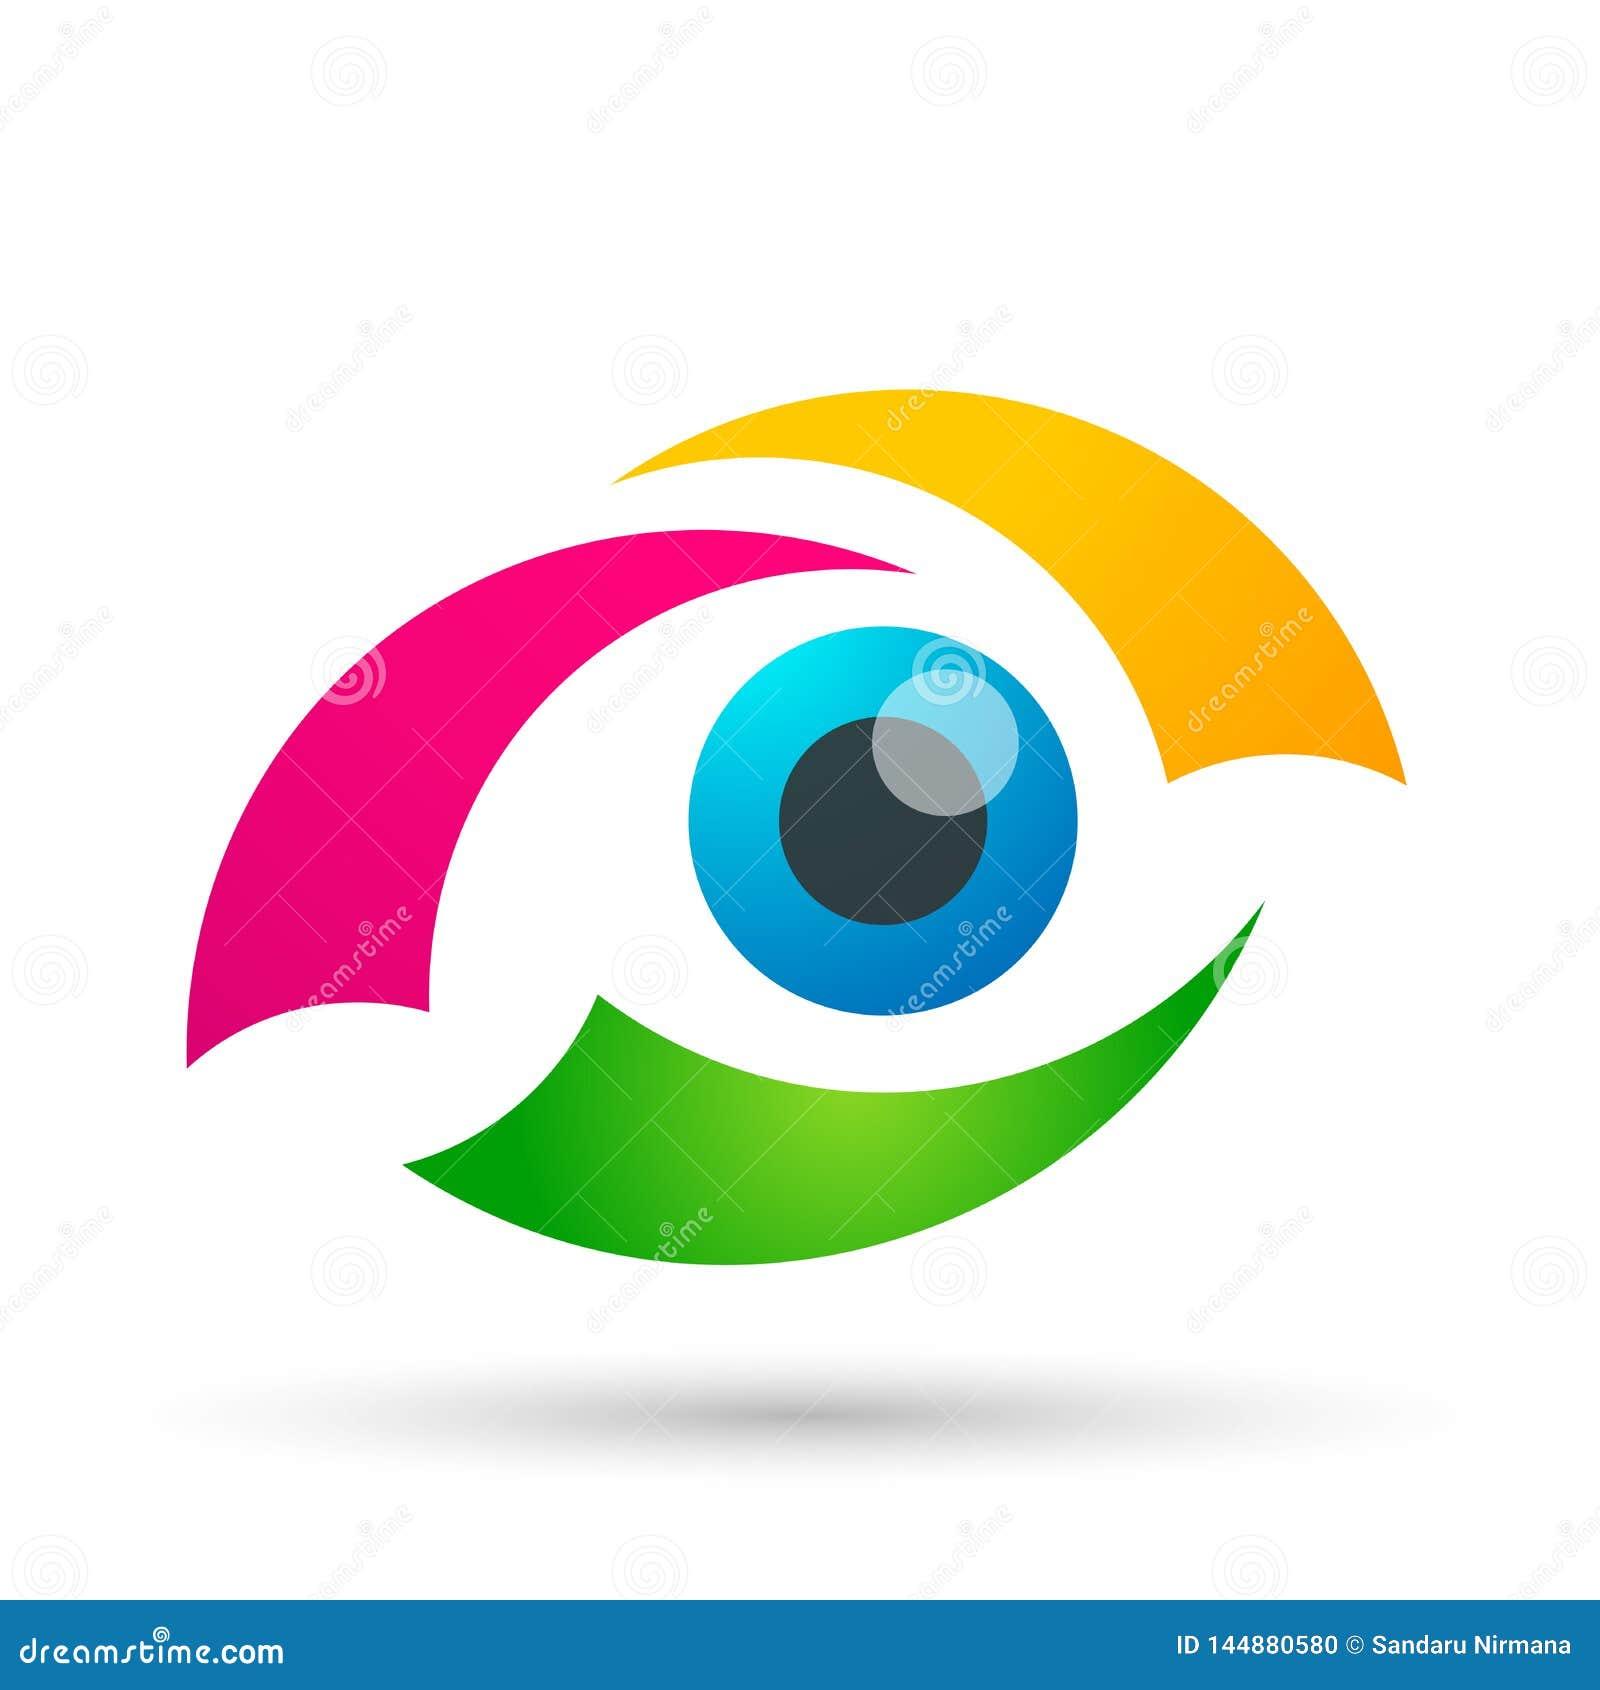 在白色背景的医疗眼睛关心地球家庭健康概念商标象元素标志